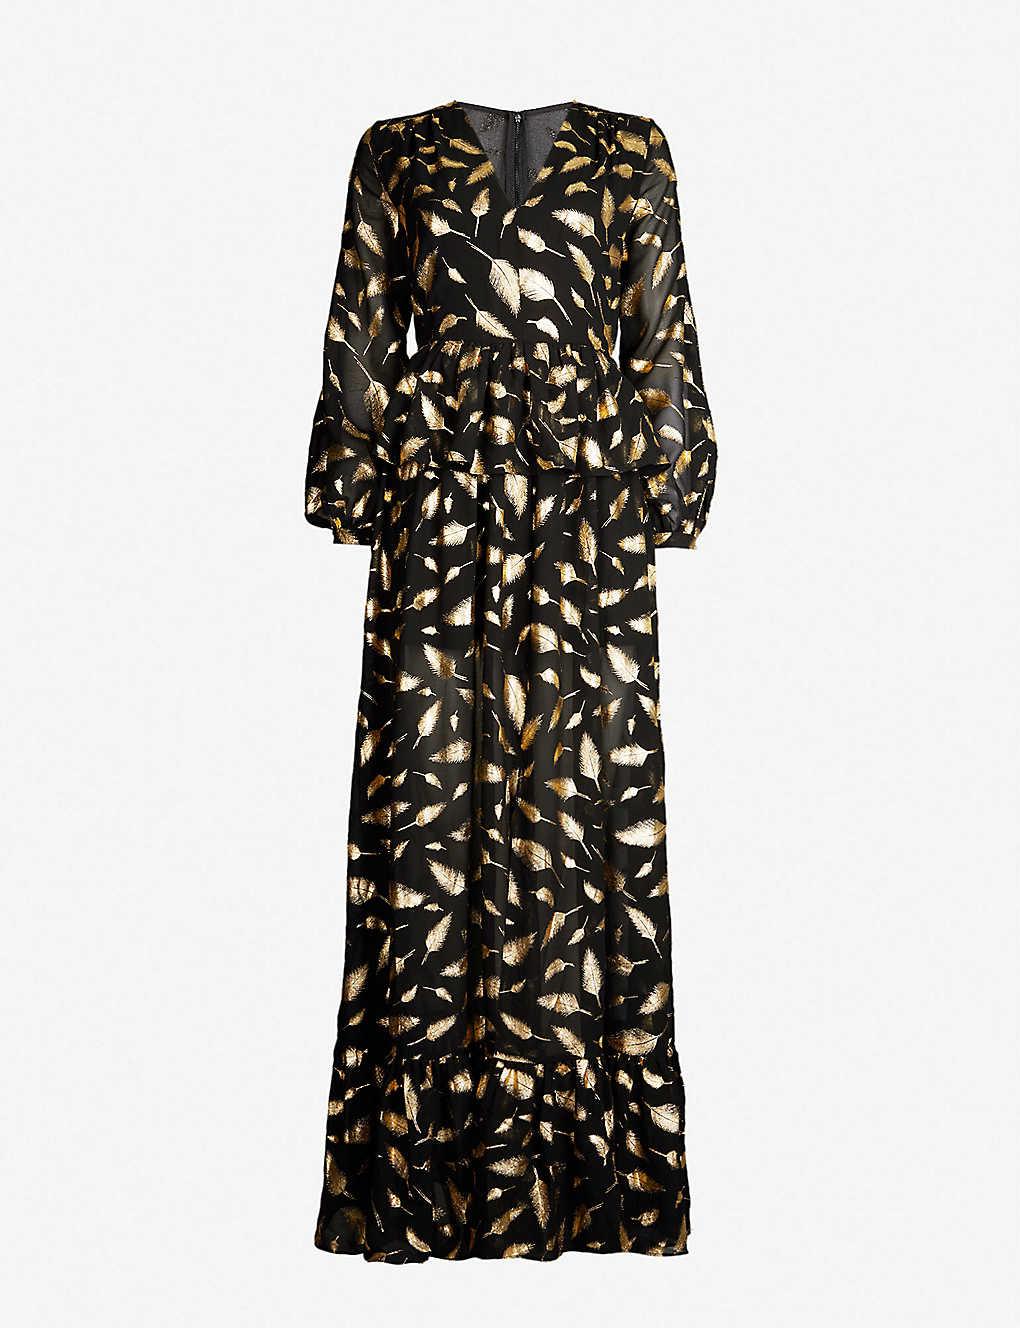 41d1303c4fe9 FOREVER UNIQUE - Metallic gold leaf print maxi dress | Selfridges.com